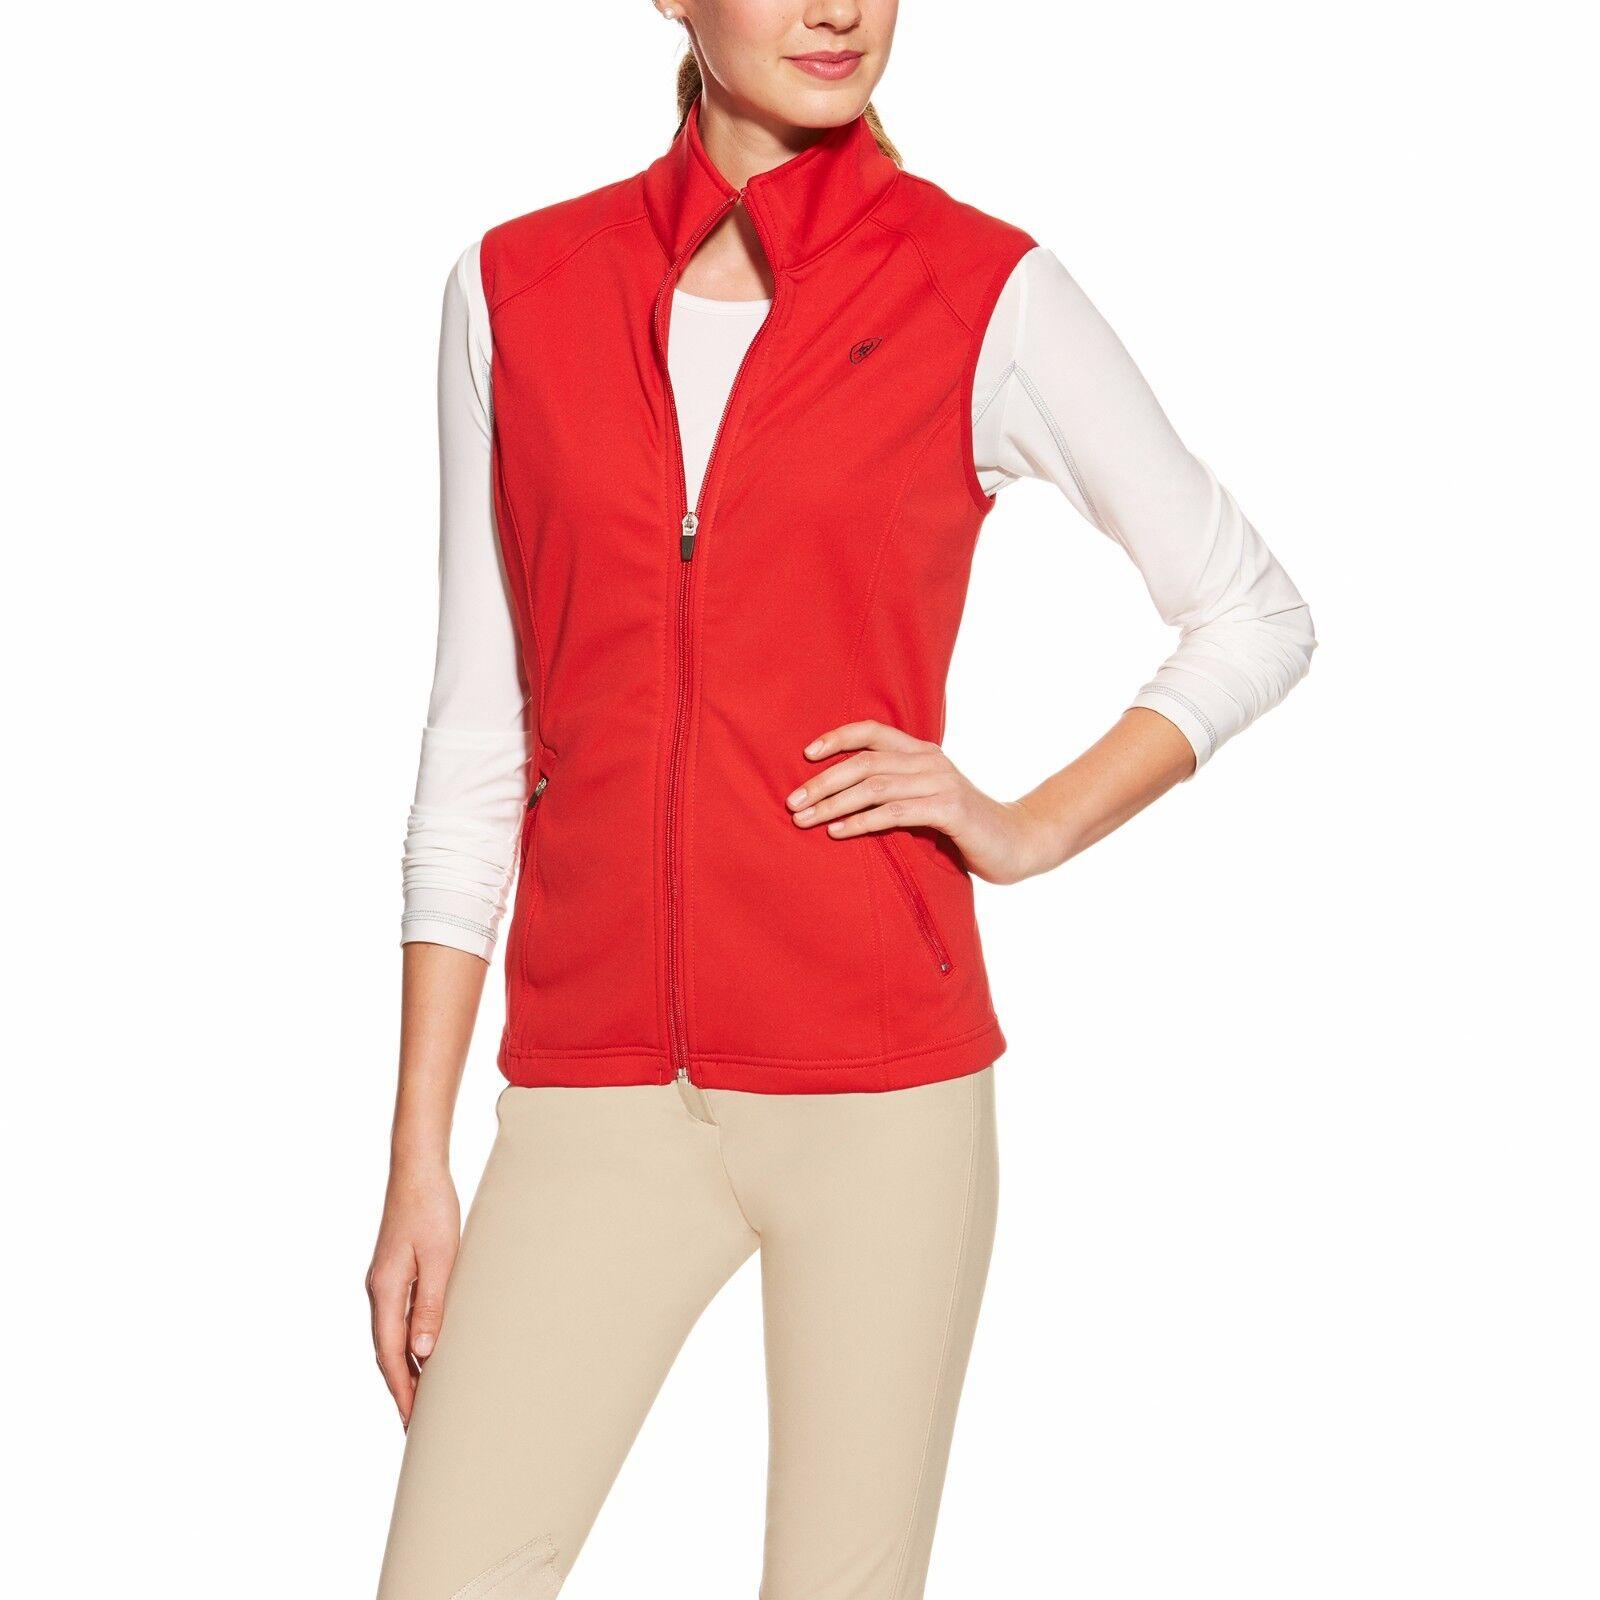 ARIAT - Women's Conquest Fleece Vest  - Red - ( 10015849 ) - New